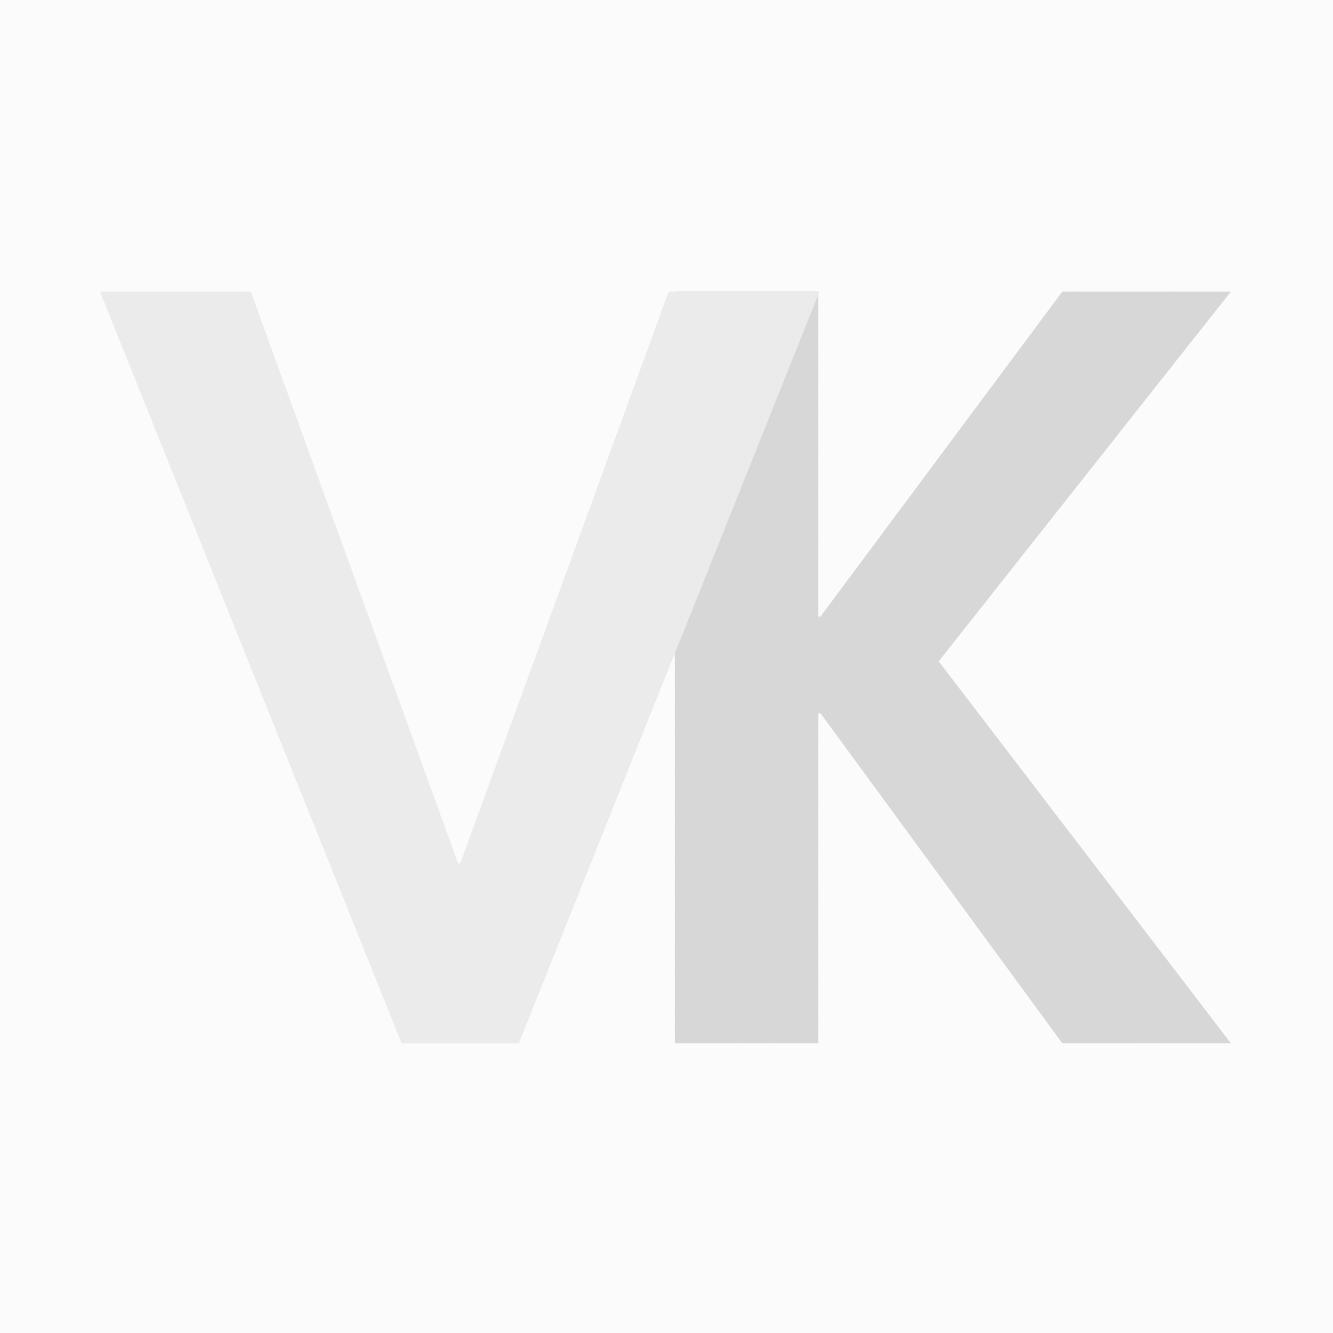 Kyone 580 Kappersschaar 5.0